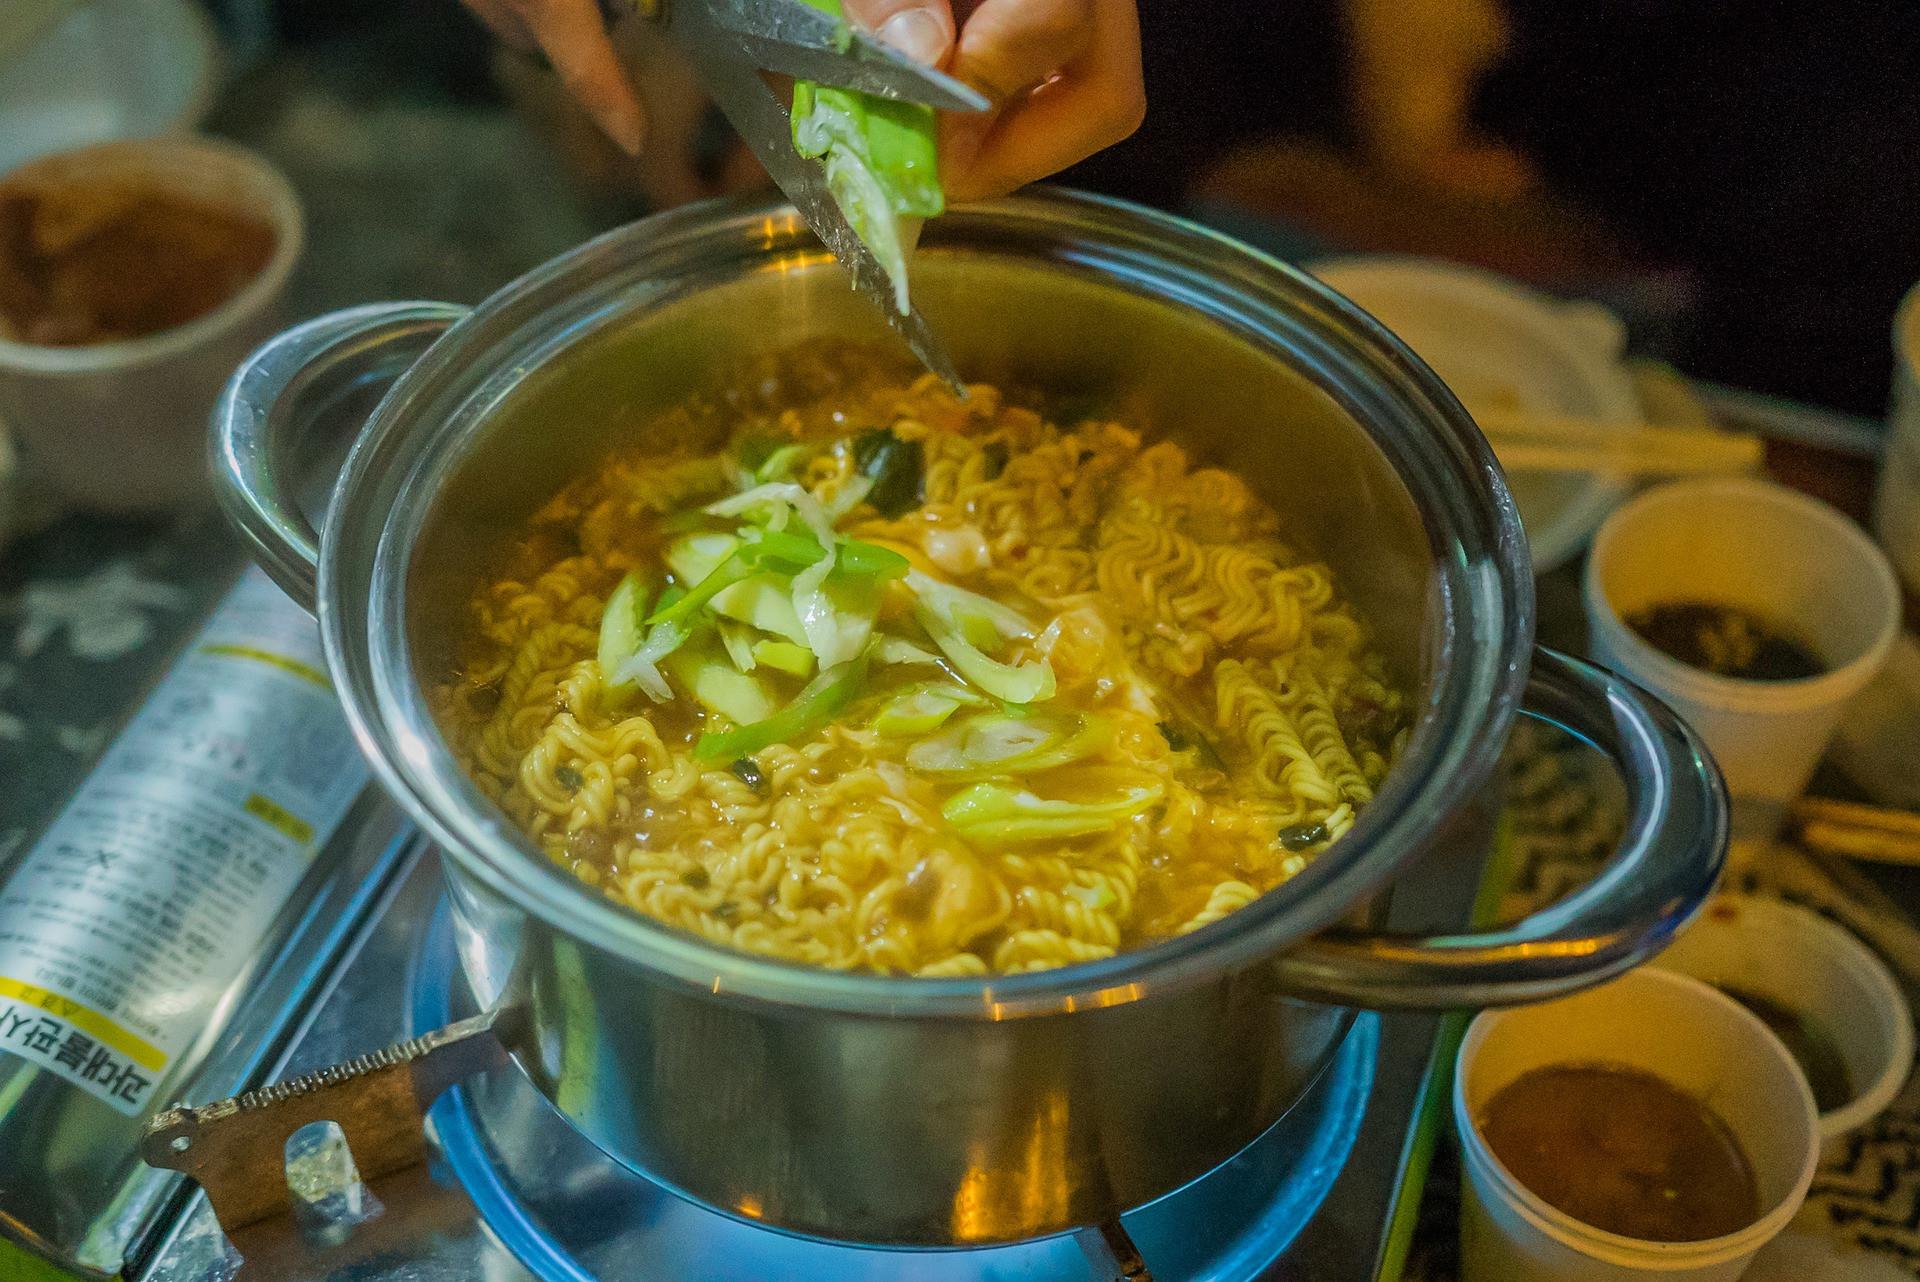 Benarkah Kerap Makan Mi Instan Sebabkan Tumor Jinak di Payudara? - JPNN.com